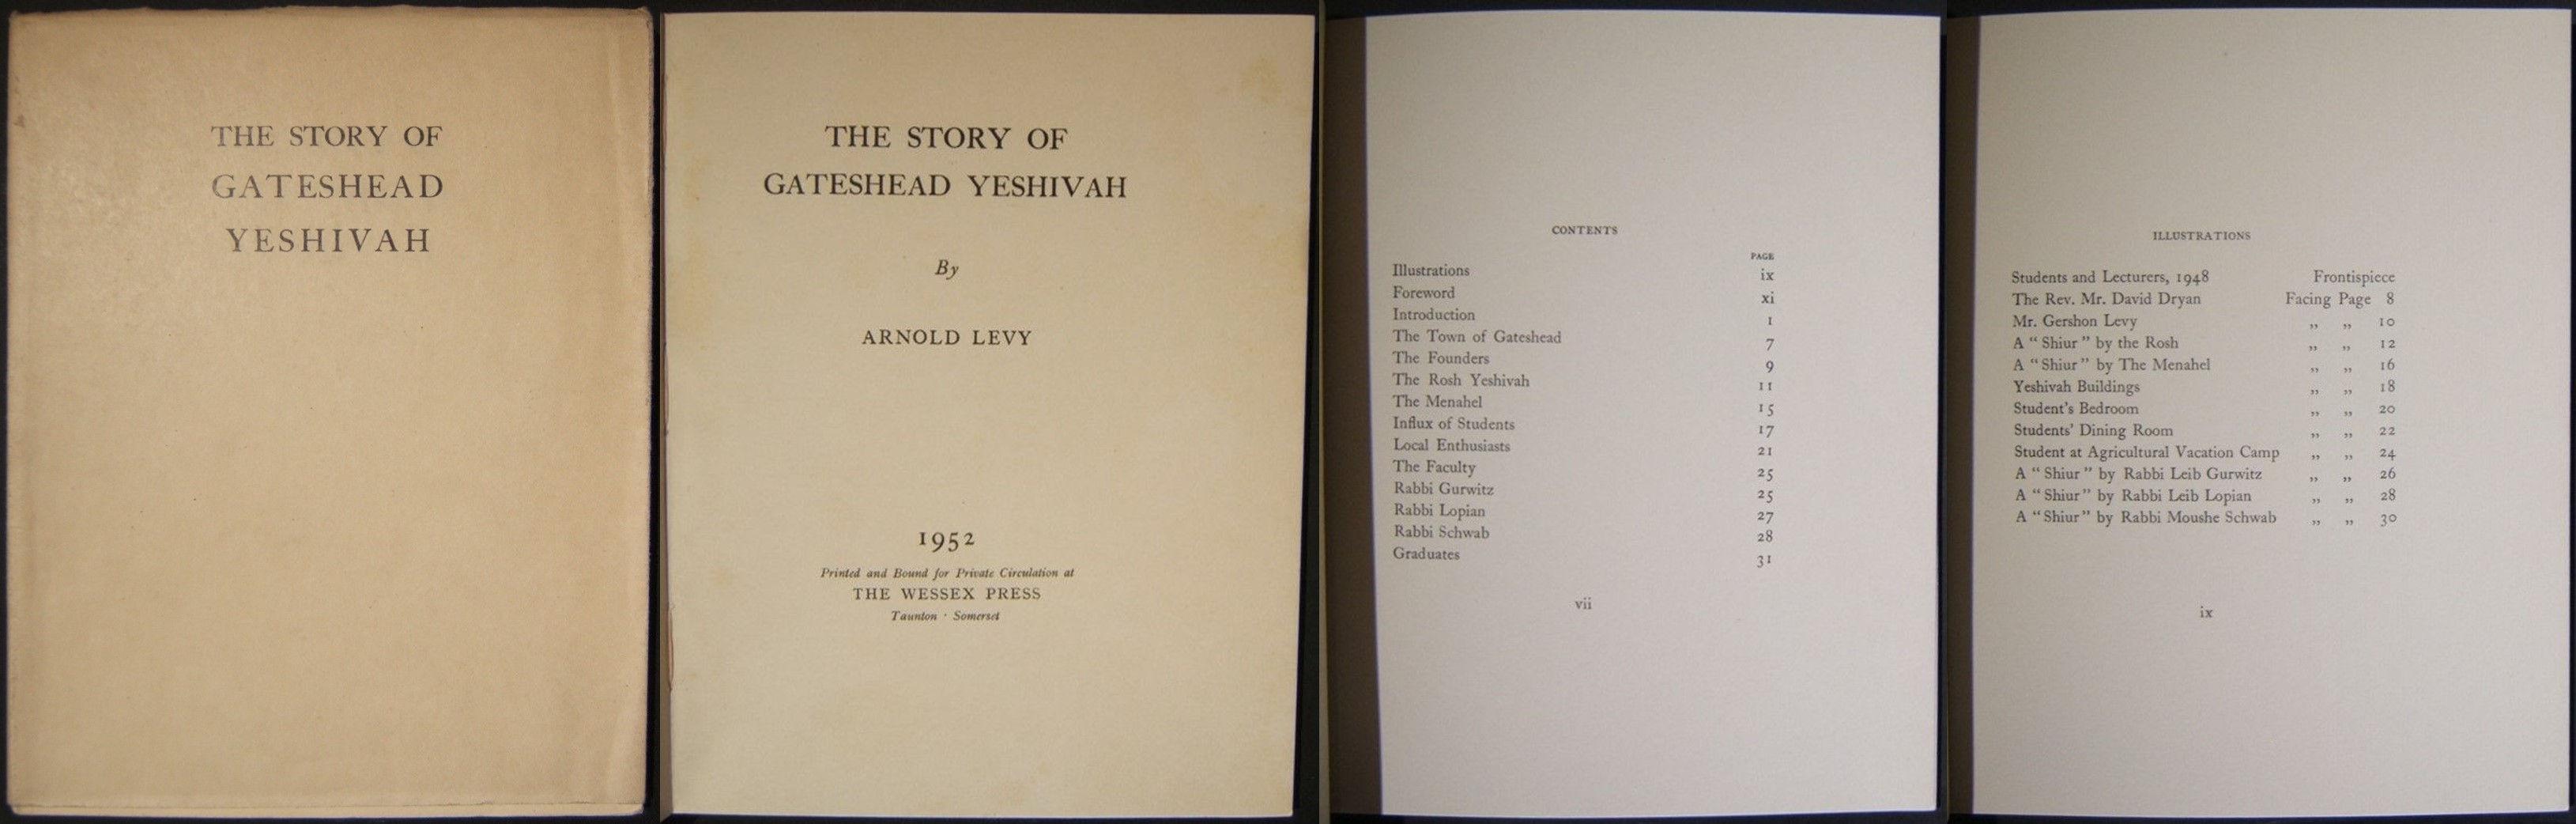 יודיקה בריטית סיפורו של ספר הישיבה של גייטסהד מאת ארנולד לוי / וסקס עיתונות 1952